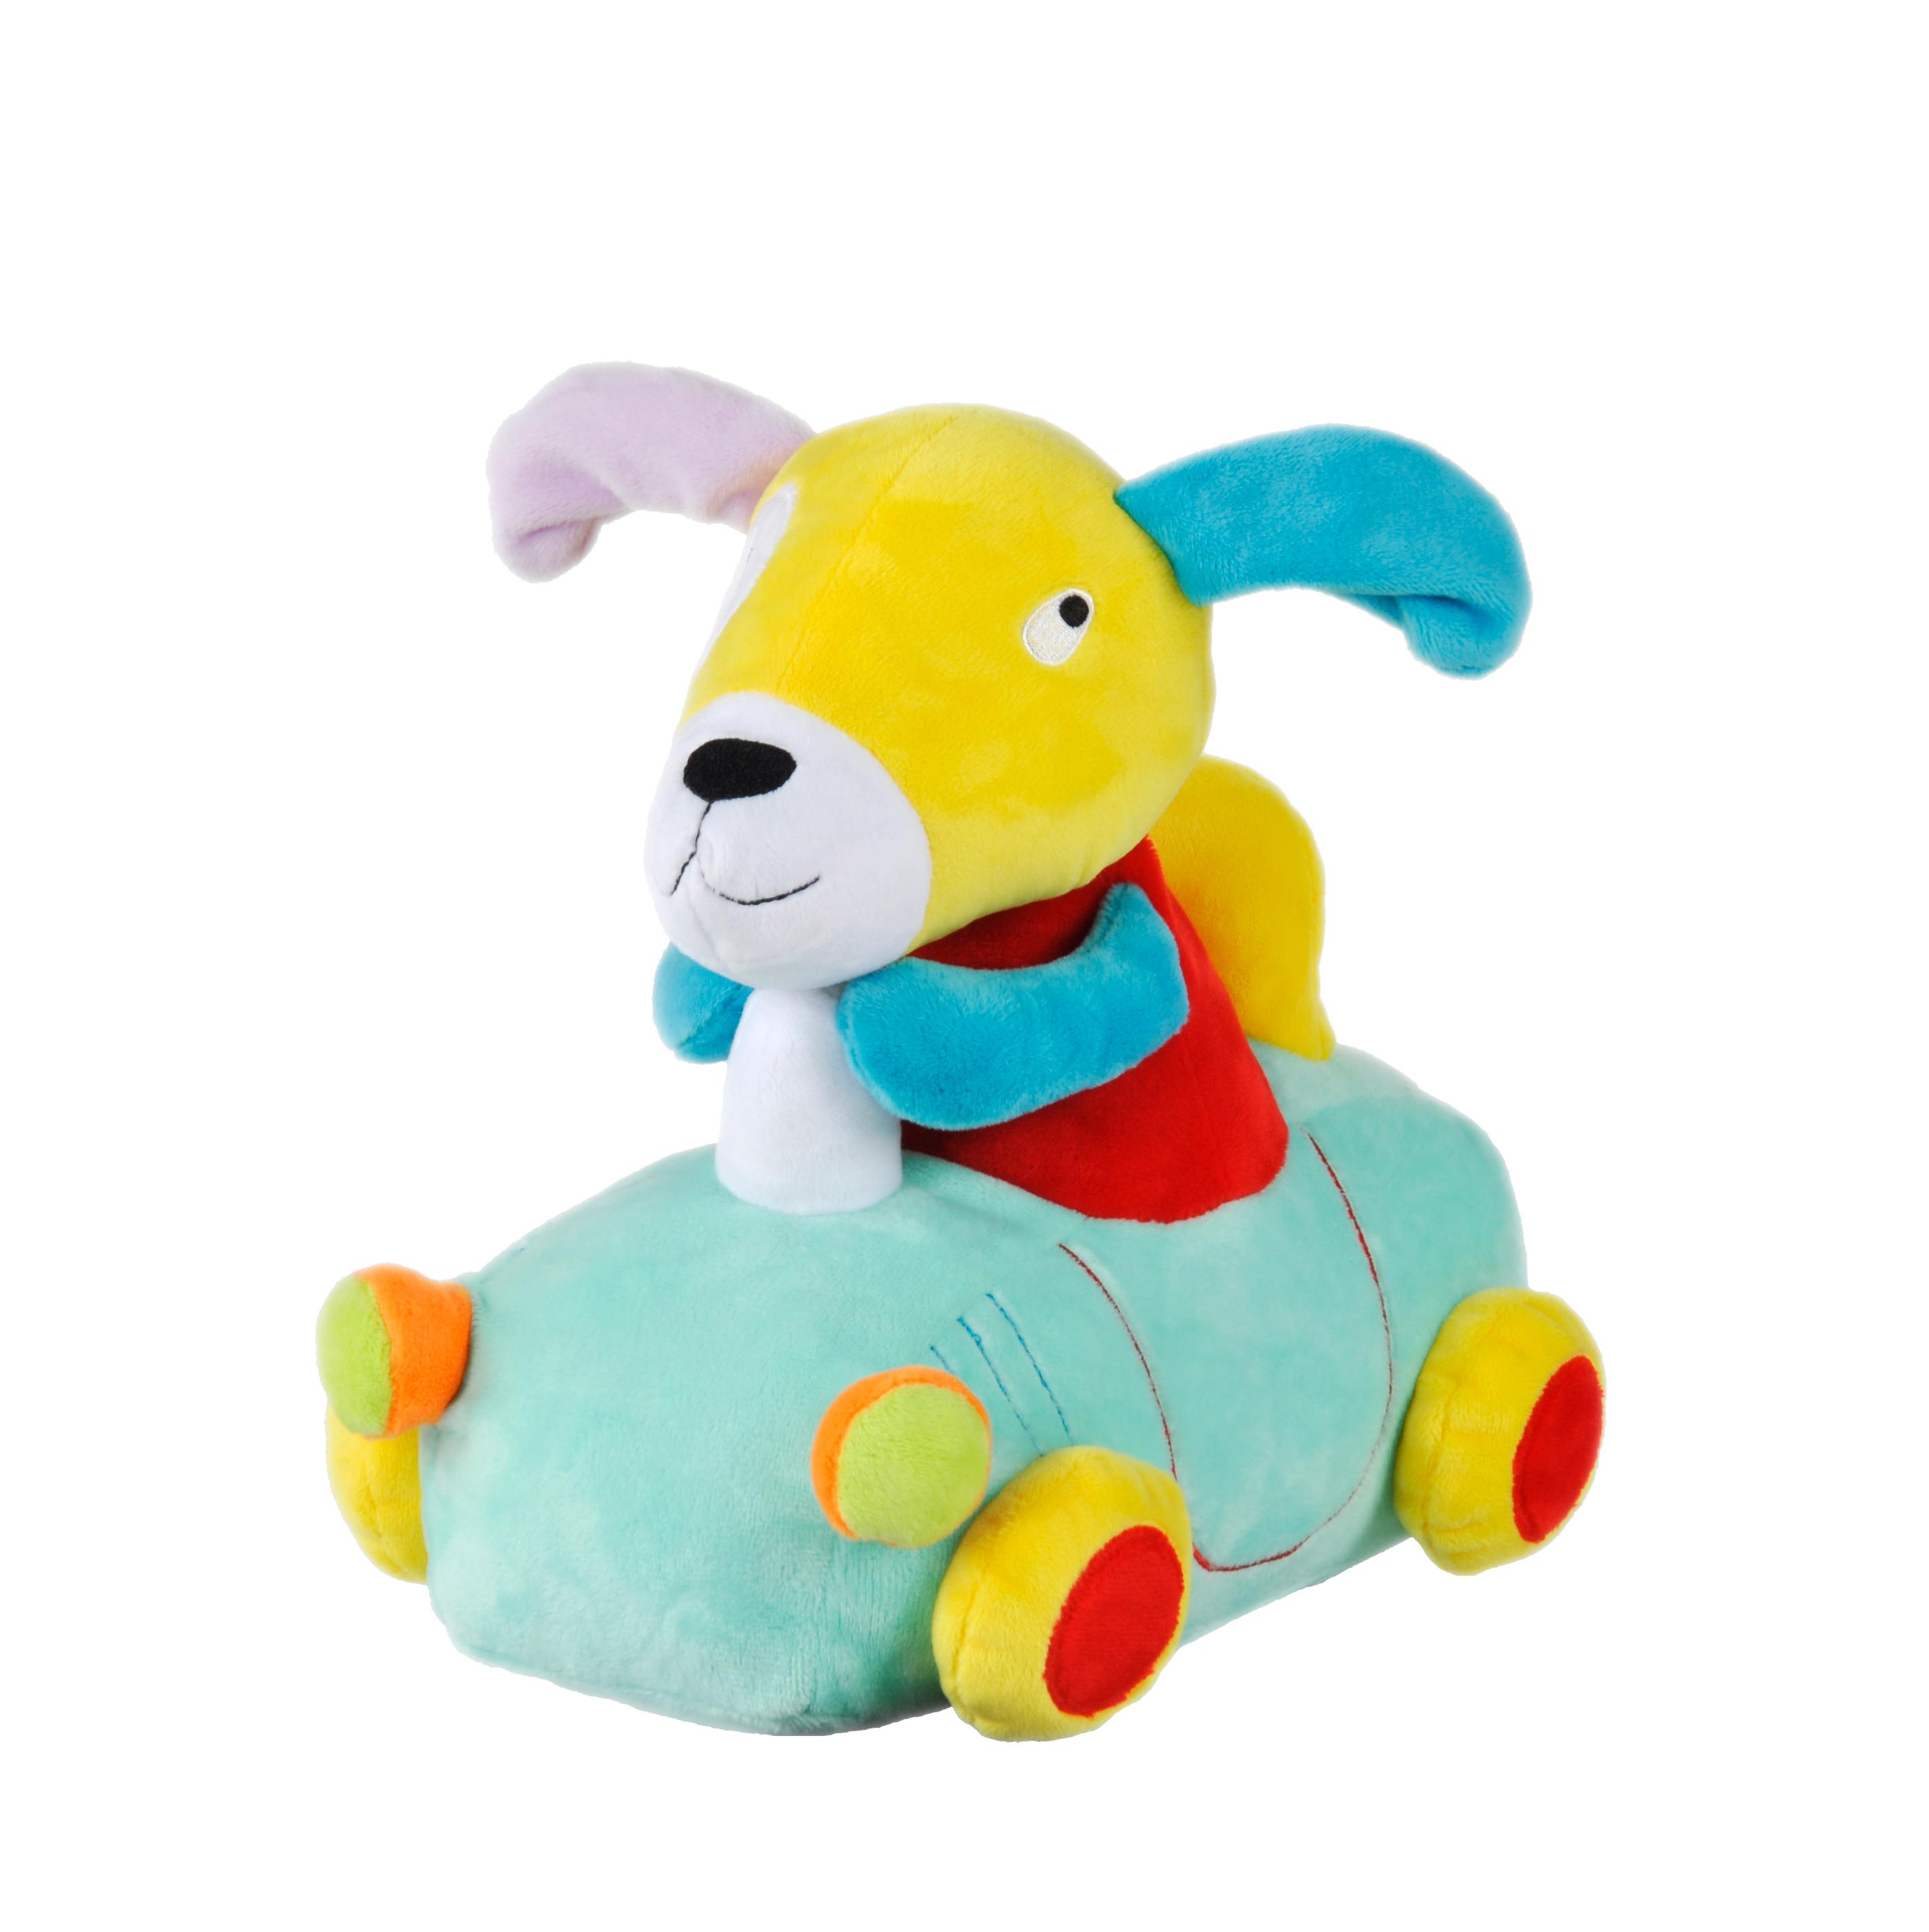 Guida auto cane peluche giocattoli animali farciti su ruote